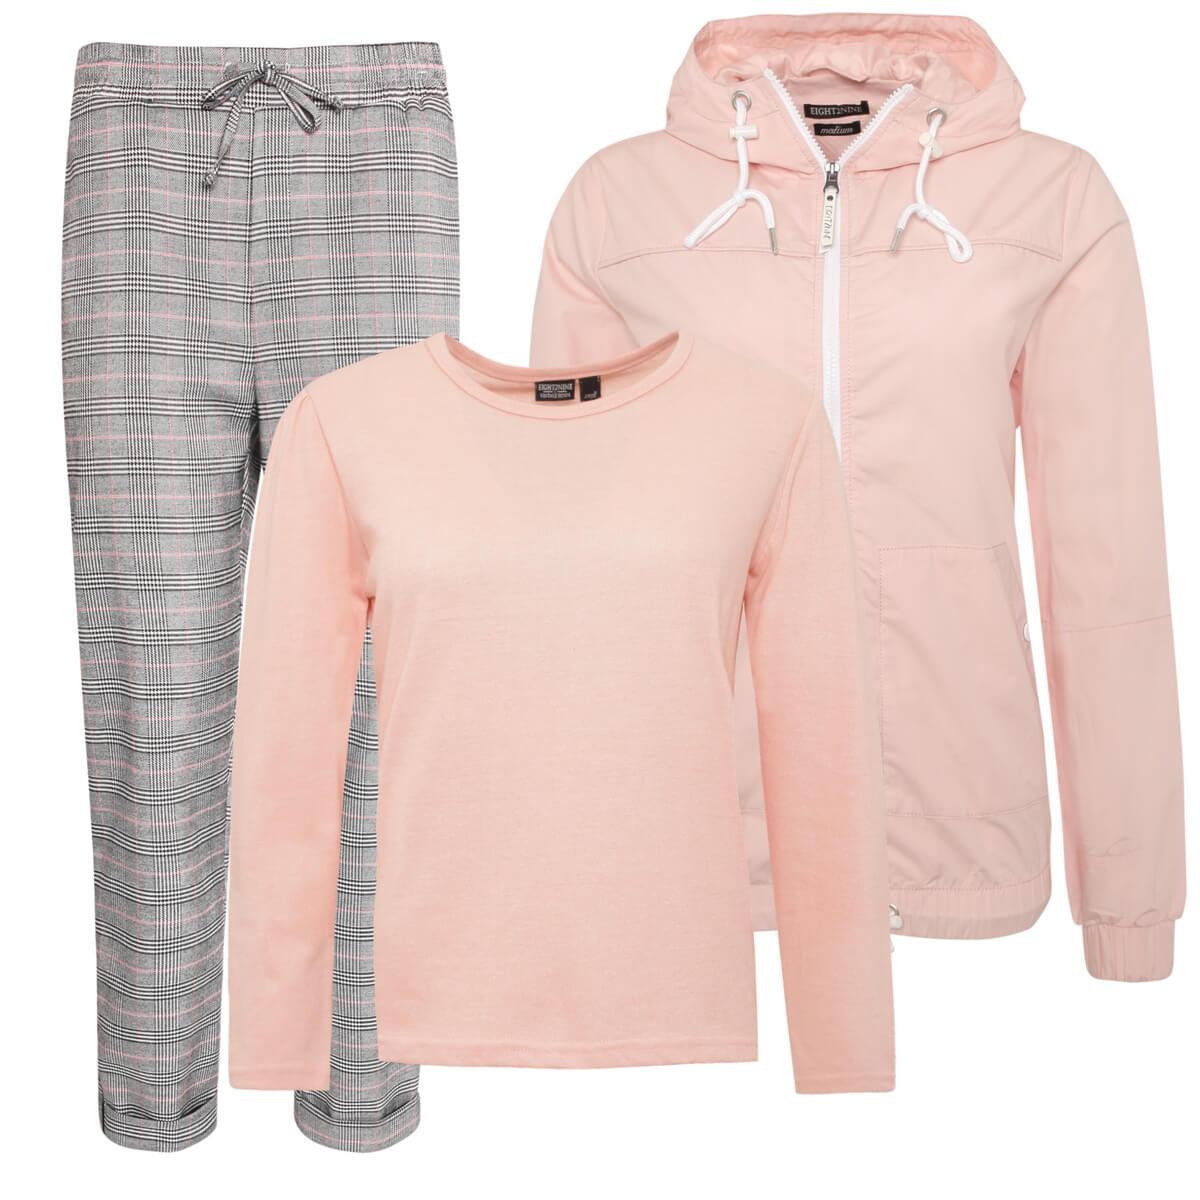 Outfit mit Karo-Hose und Rosa Oberteil